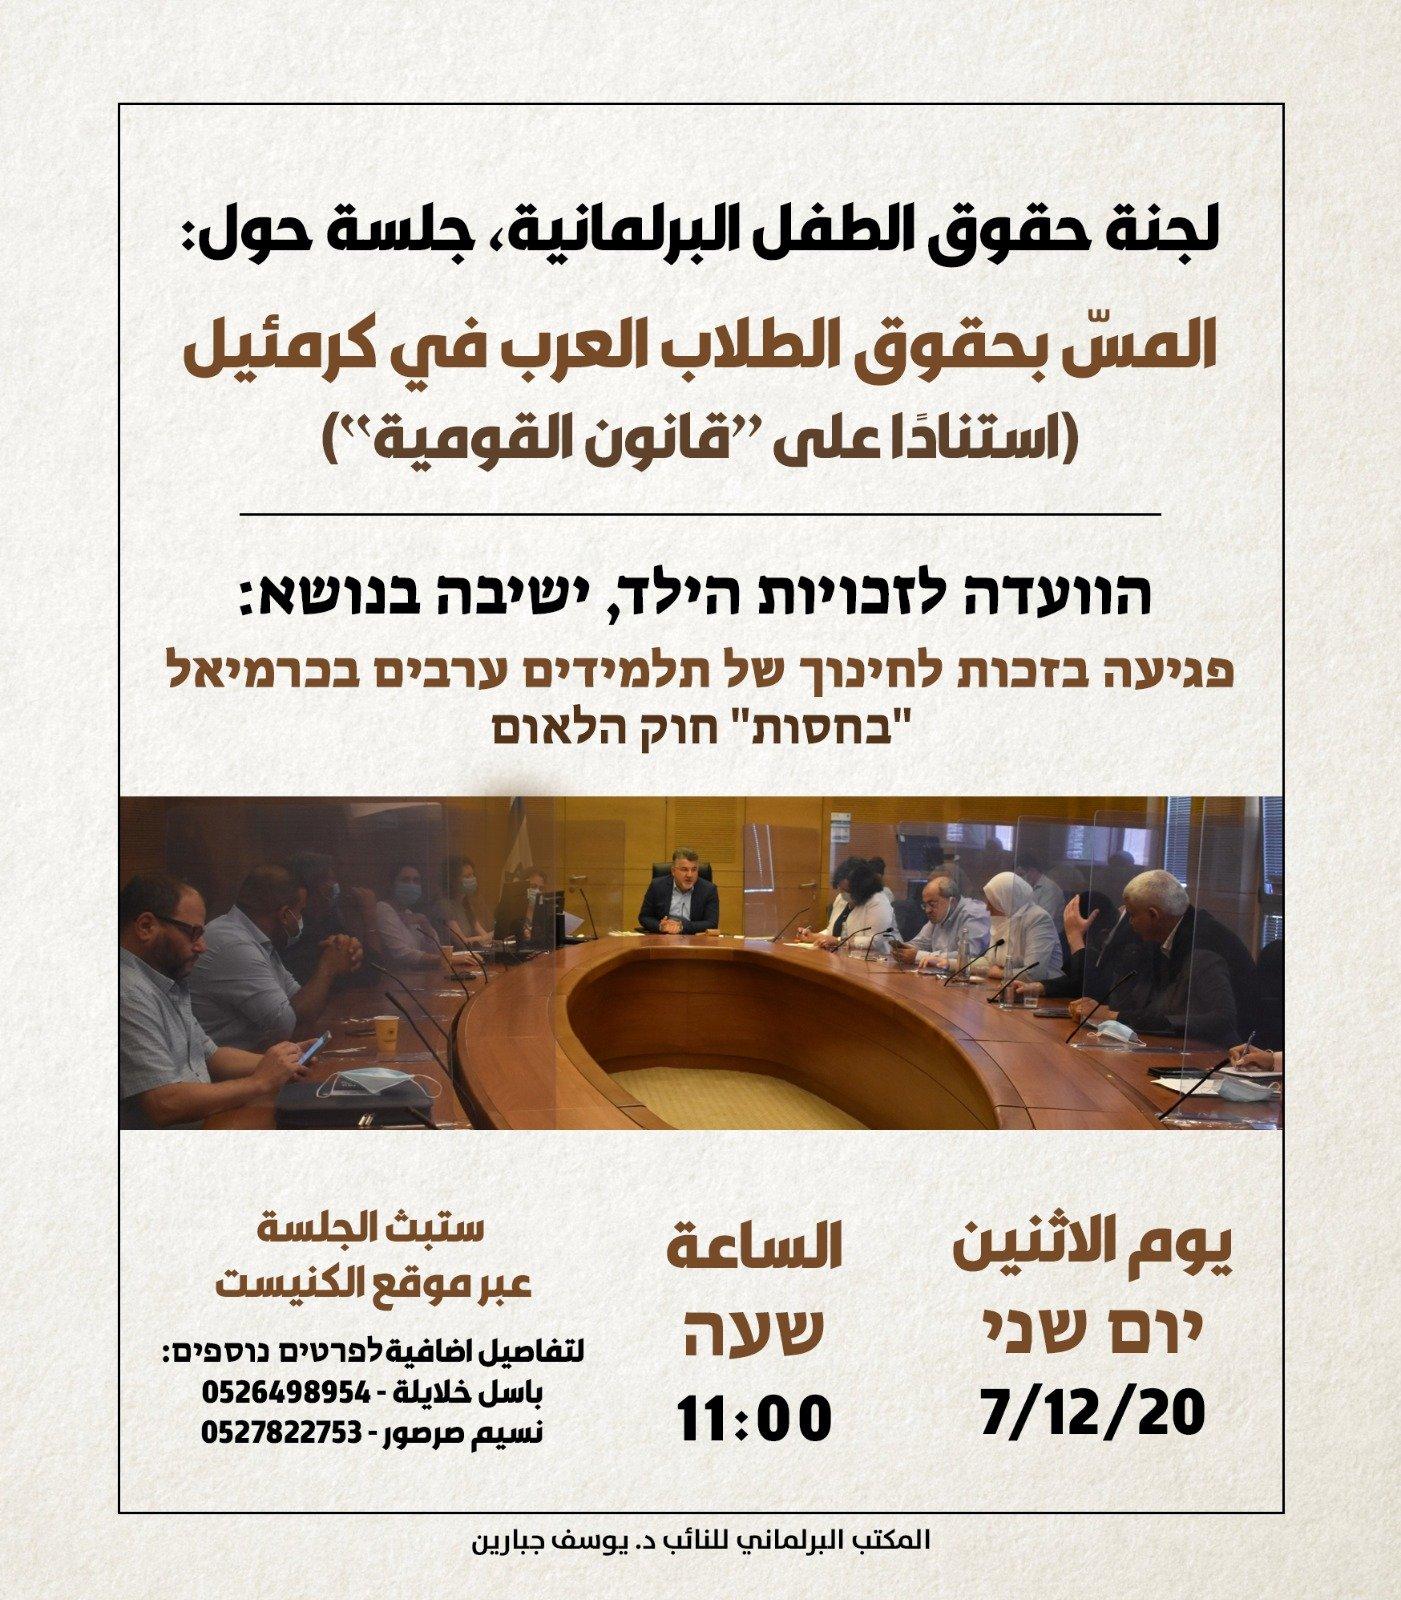 بمبادرة جبارين: جلسة طارئة في الكنيست حول المسّ بحقوق الطلاب العرب في كرمئيل-0